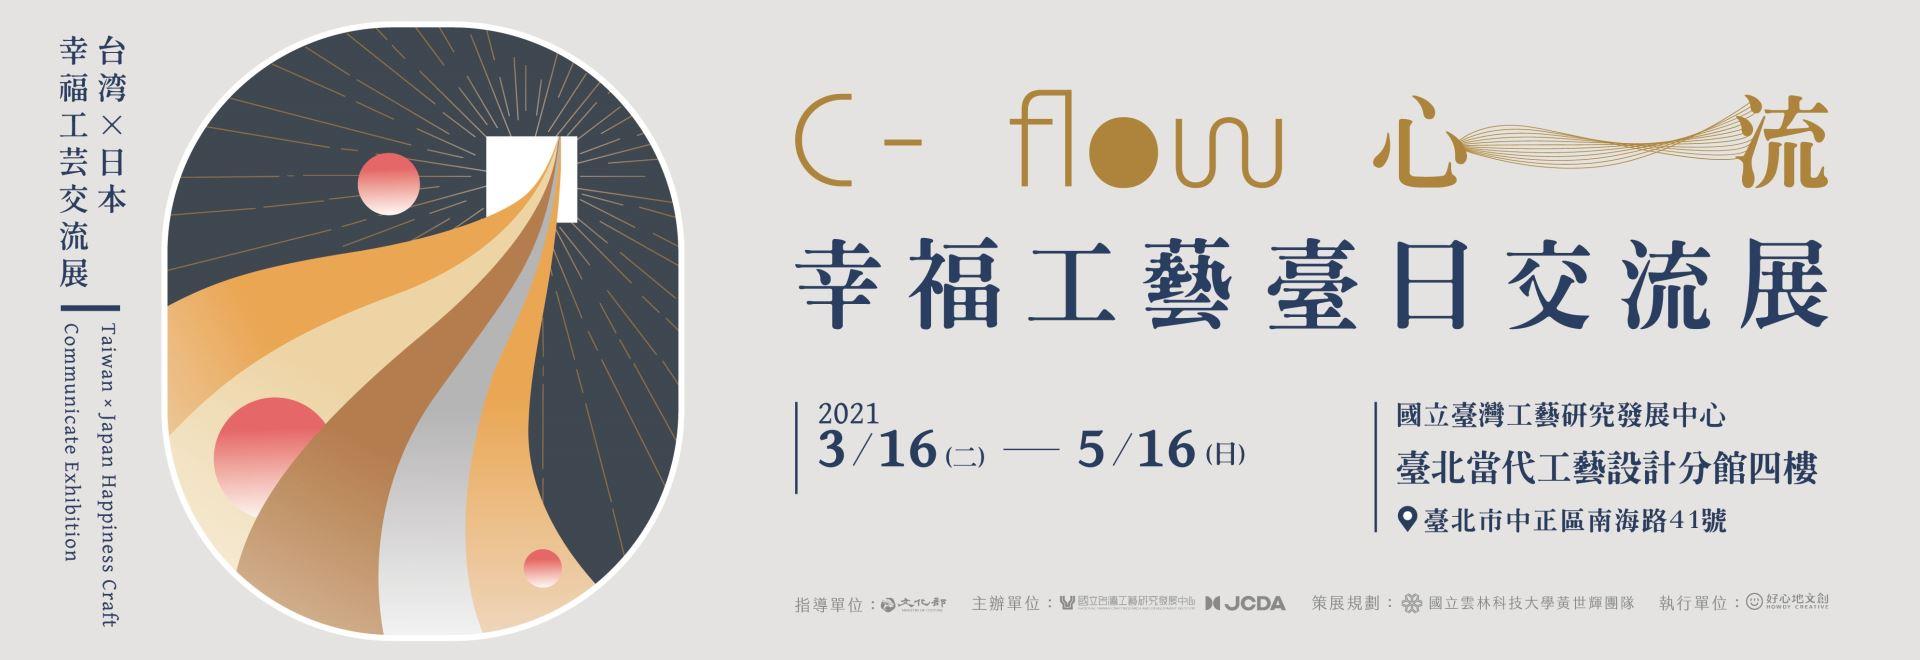 C-flow・心流-幸福工藝臺日交流聯展